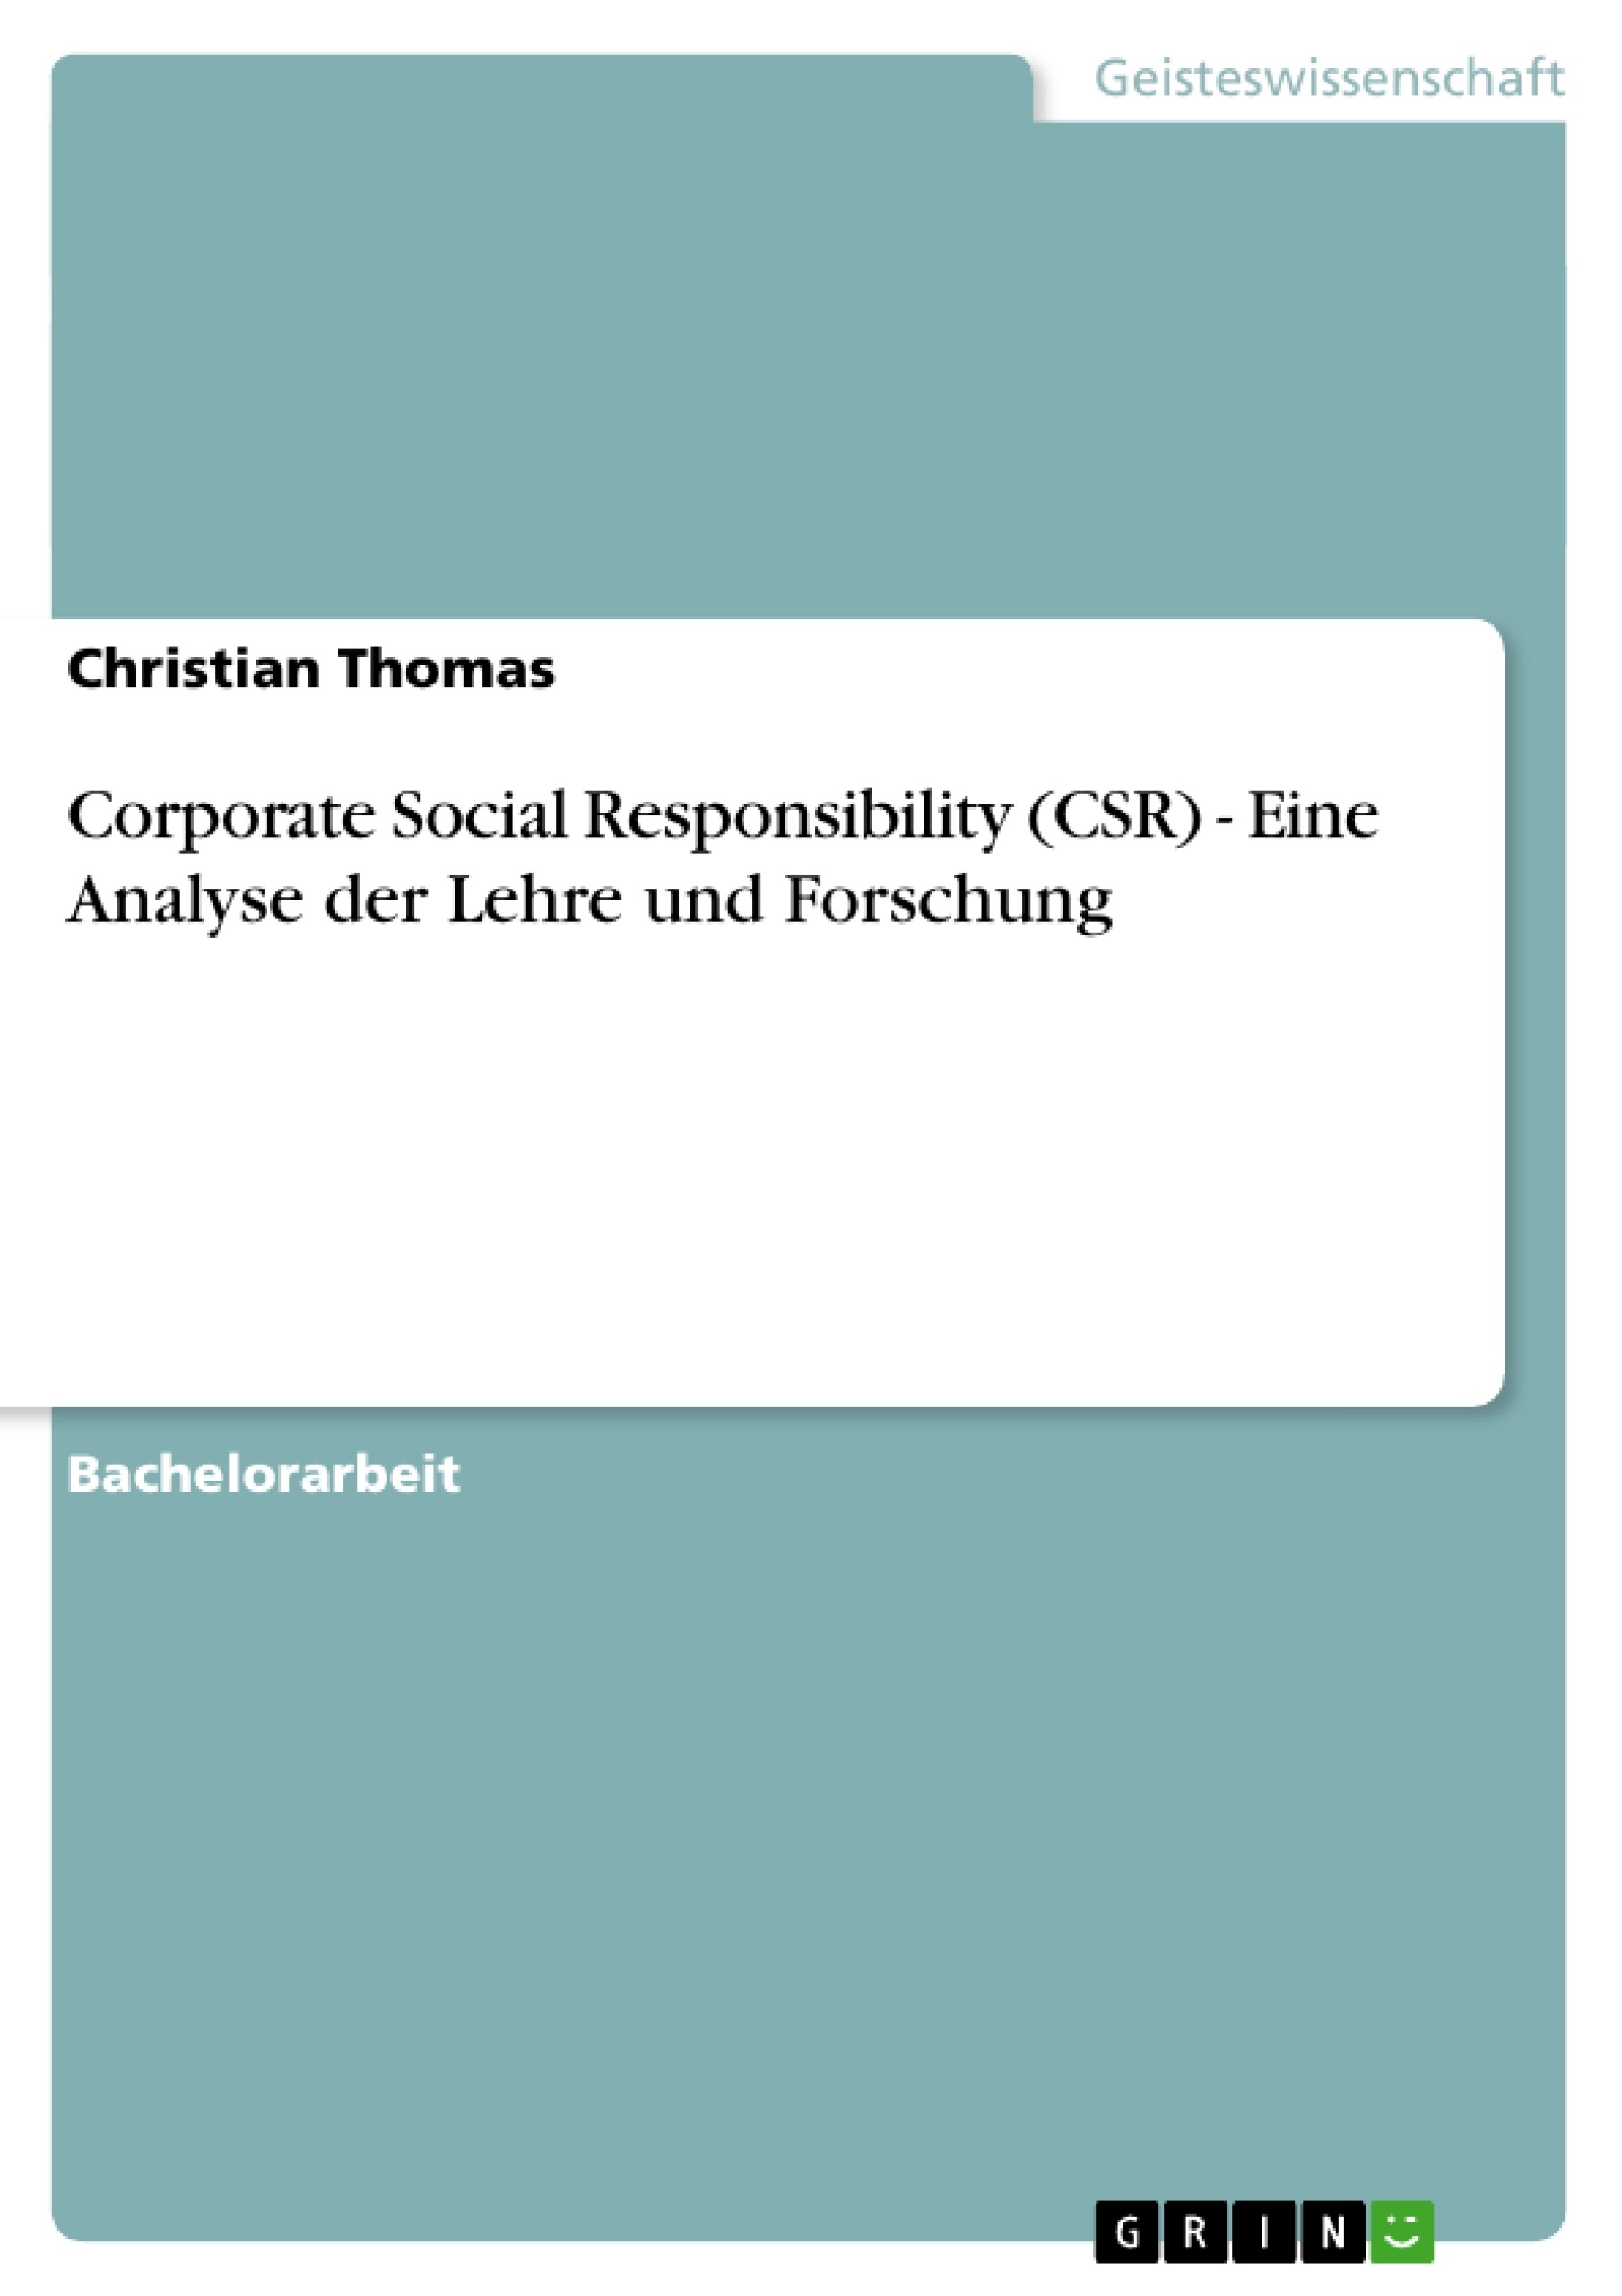 Titel: Corporate Social Responsibility (CSR) - Eine Analyse der Lehre und Forschung